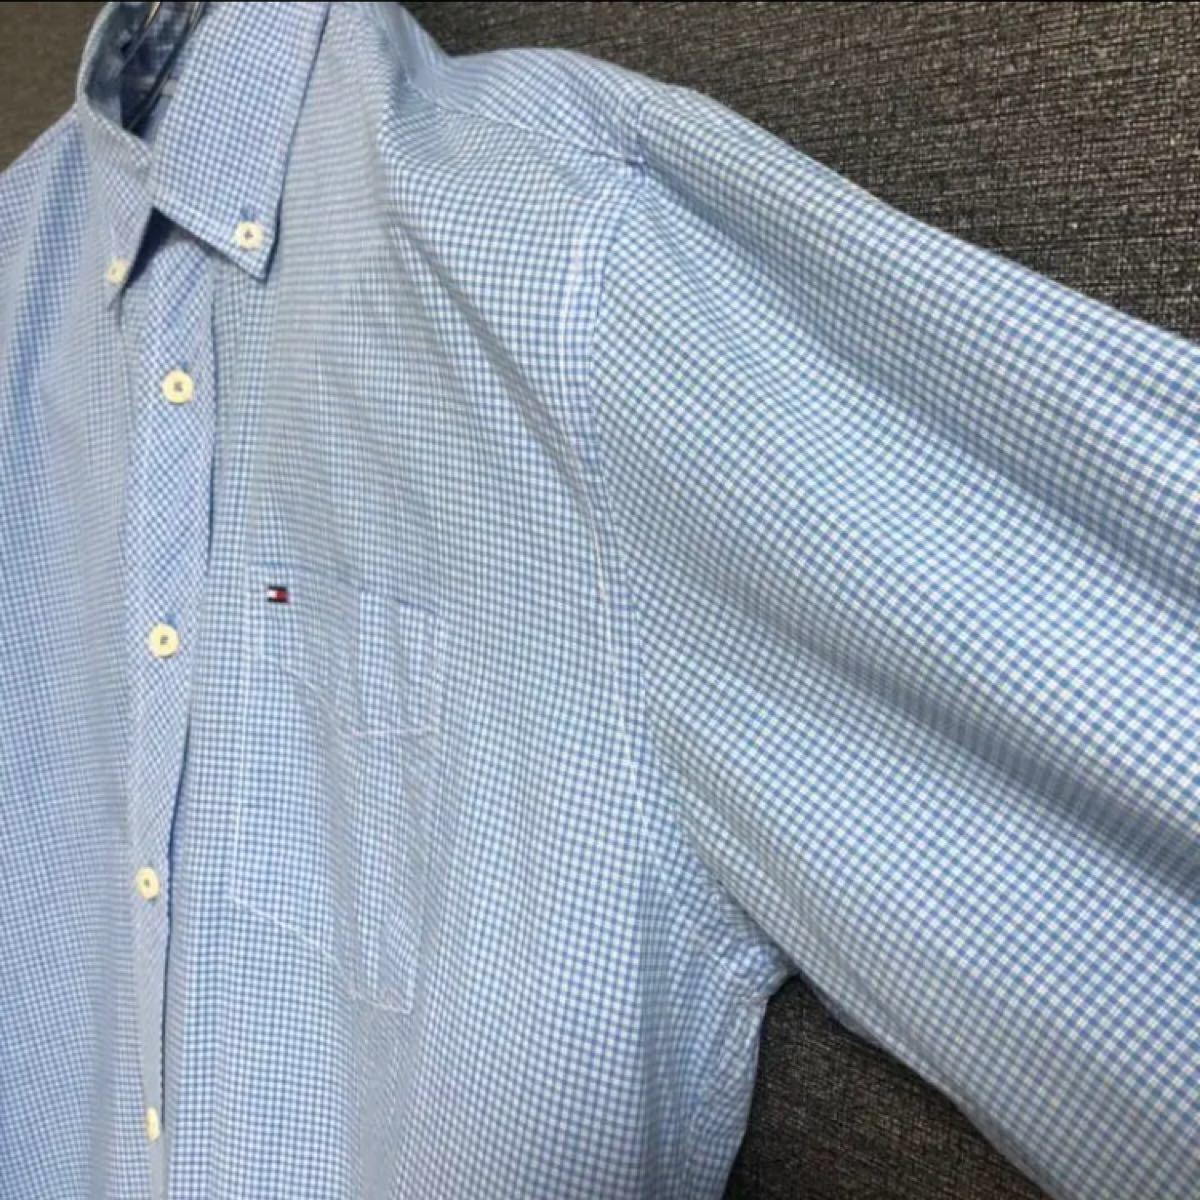 トミーヒルフィガー シャツ 長袖 ビッグシルエット ゆるダボ ワンポイント刺繍